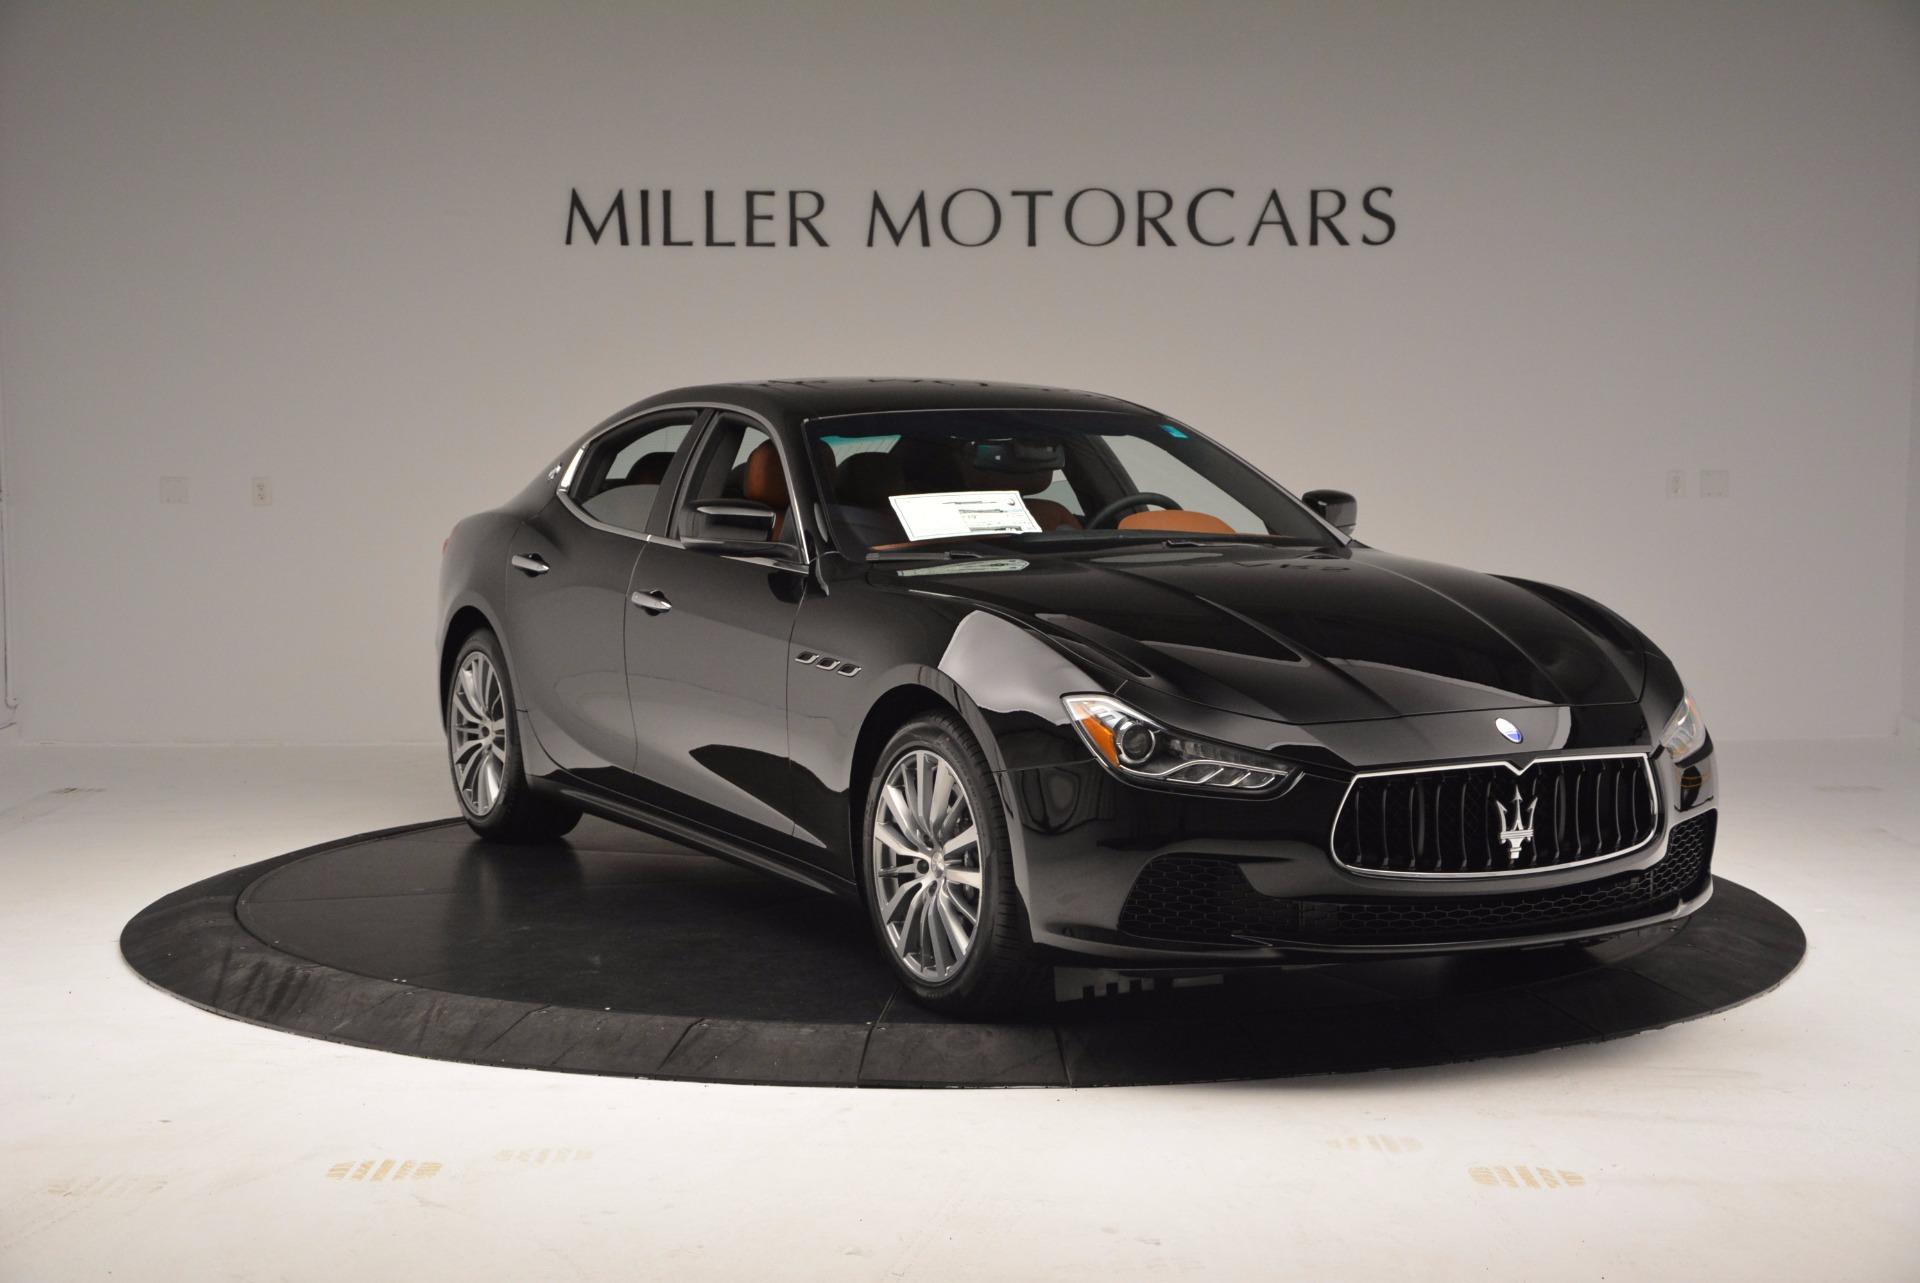 New 2017 Maserati Ghibli SQ4 For Sale In Greenwich, CT 1036_p11